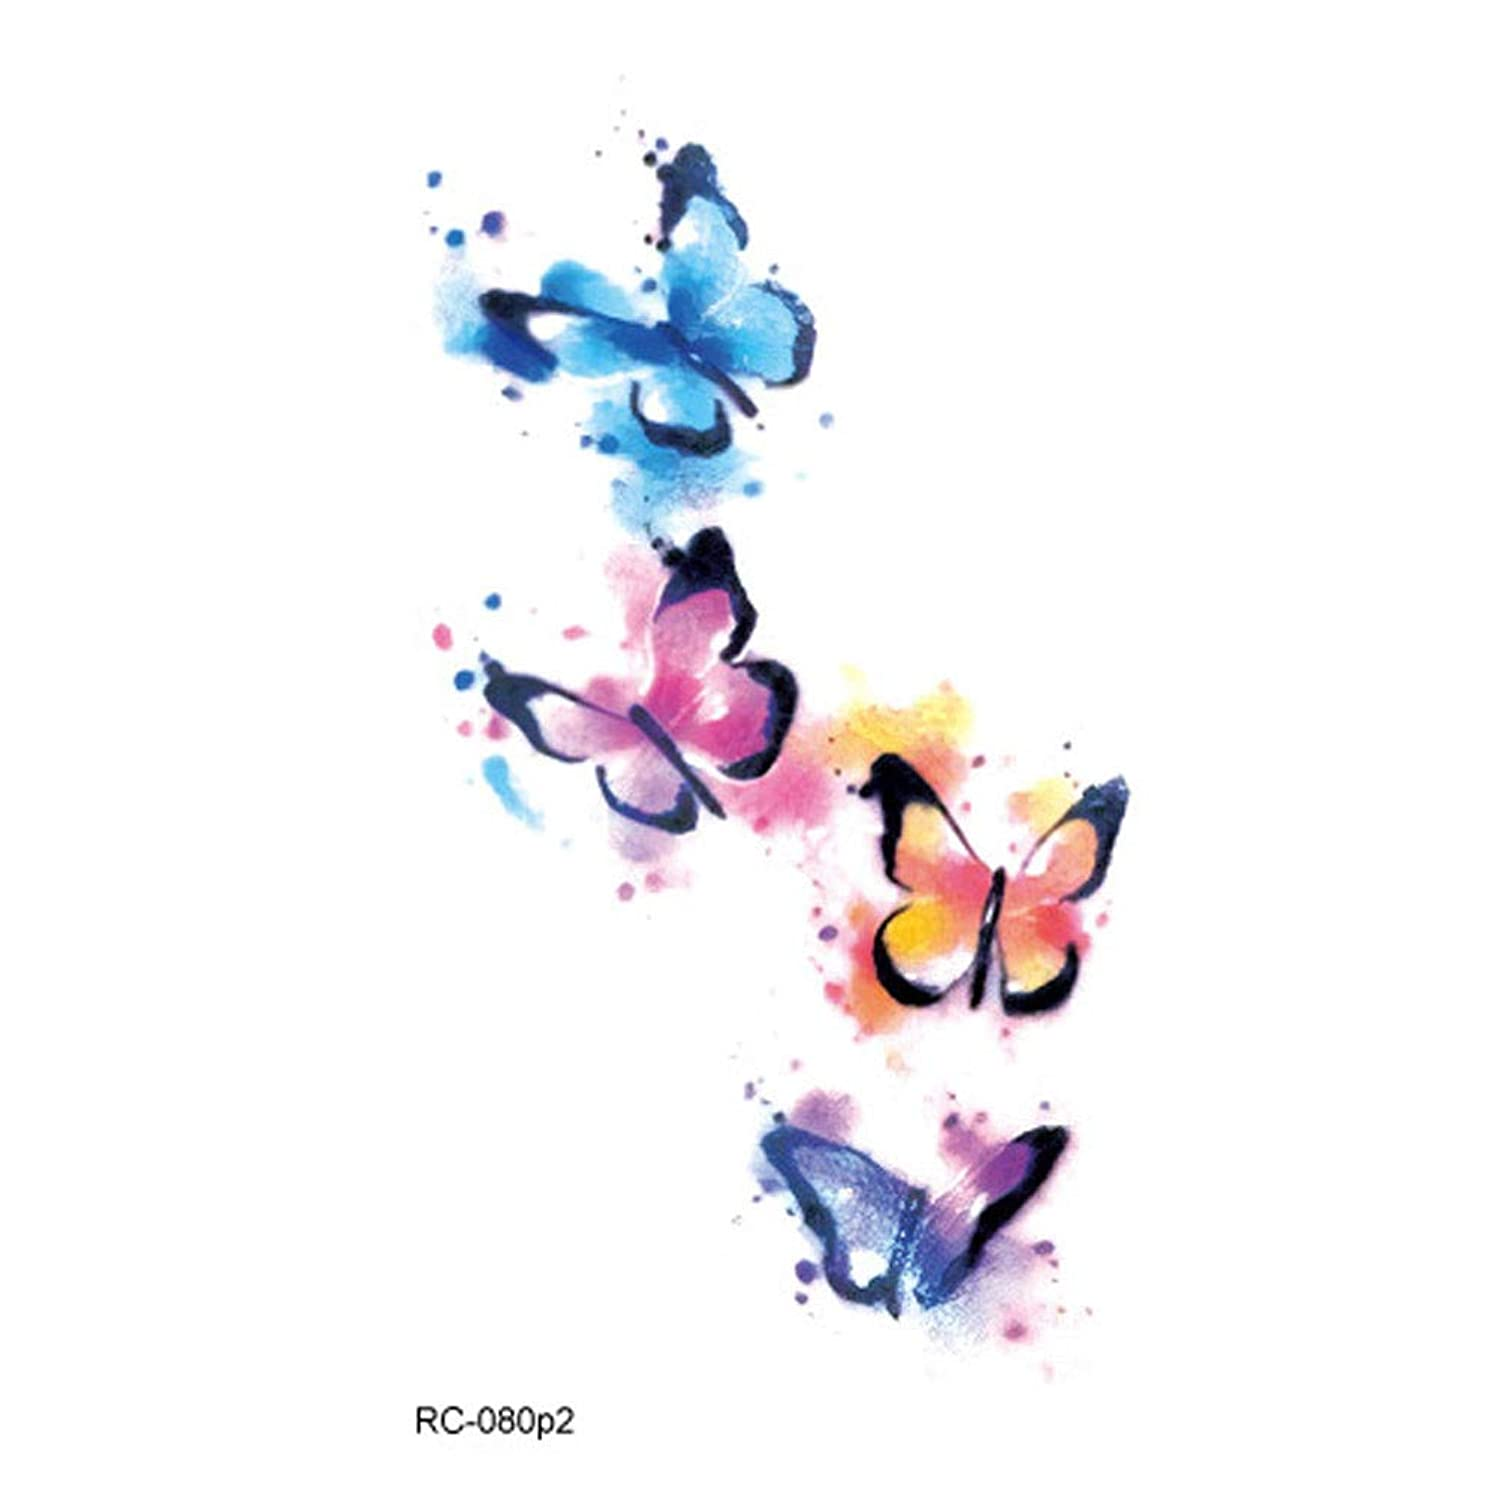 スクラップブック素晴らしい申し立てボコダダ(Vocodada)タトゥーシール 目立つ タトゥー用ステッカー ボディーアート タトゥー用品 刺青シール 長持ち 防水 腕、足、体、胸、肩、背中に簡単貼る 人体 女の子 動物 可愛い 矢印 動物 カラフル 狐 魚 アート ライオン 蝶 安全 一回性 環境保護 防水 使い捨て tattoos 105*60mm